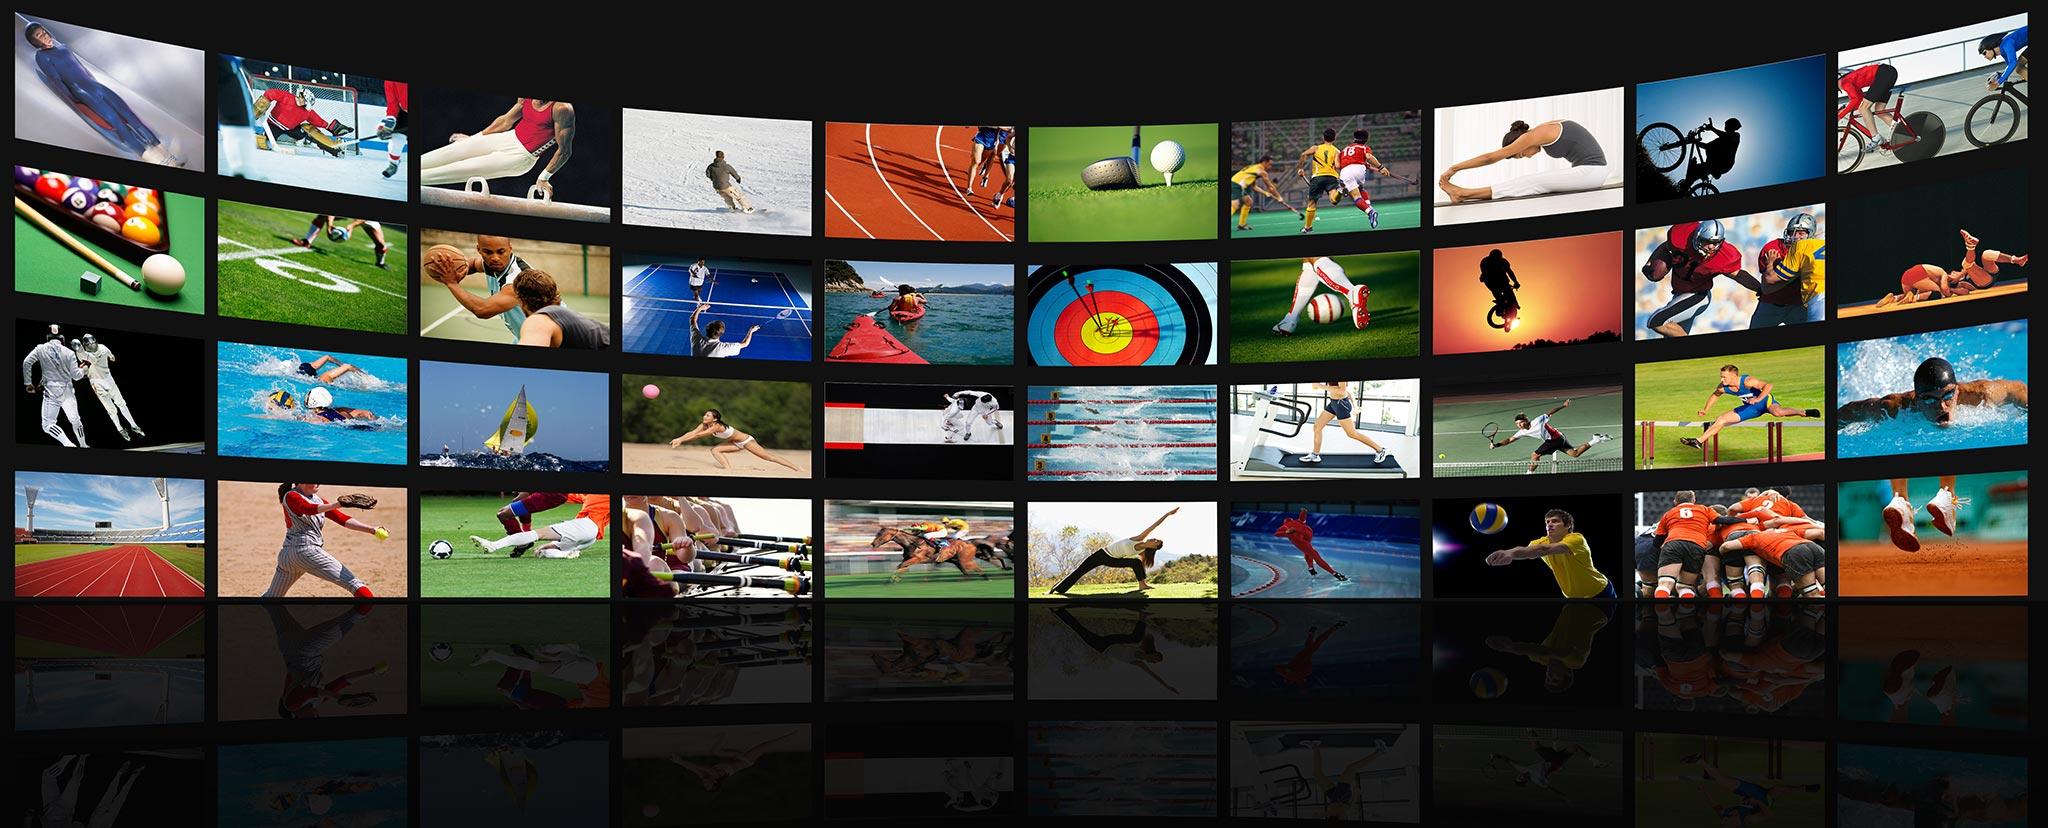 (c) Dartfish.tv